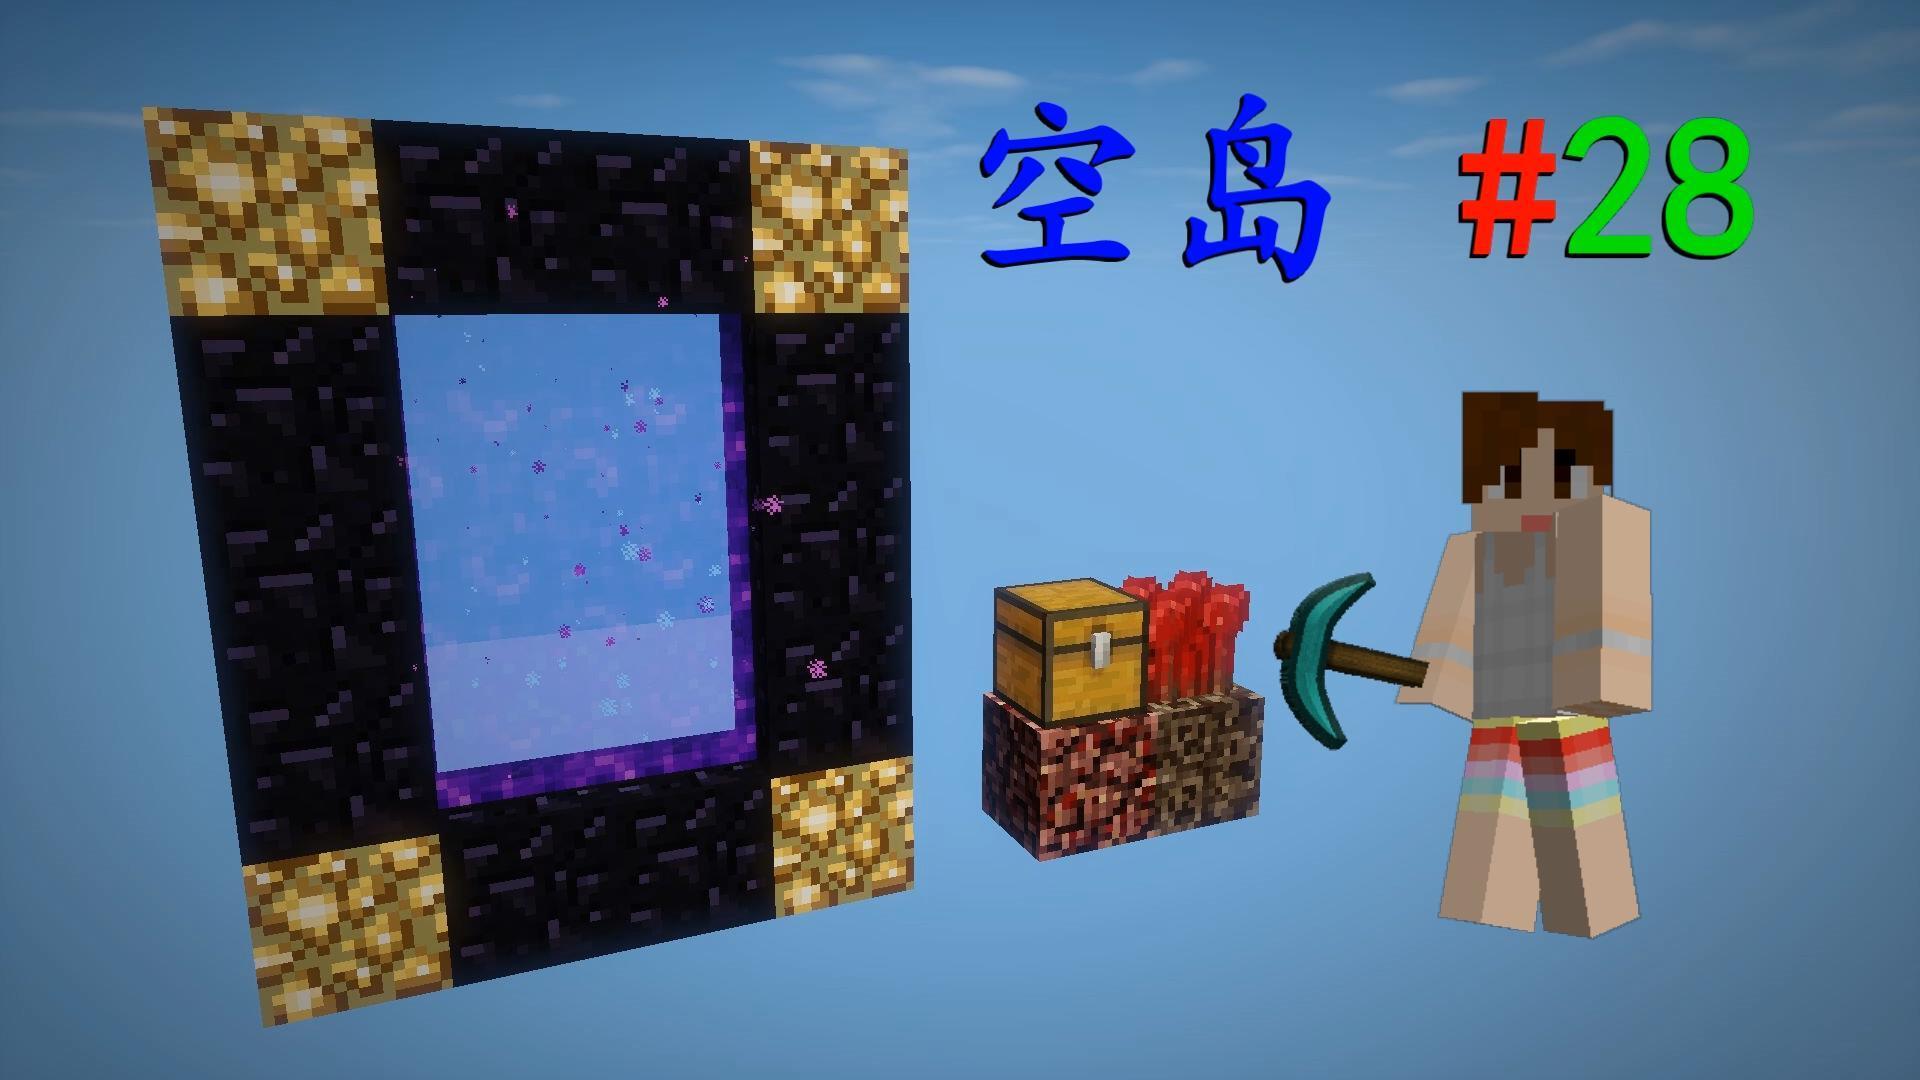 明月庄主我的世界1.10师徒空岛生存ep28地狱宝藏minecraft-我的.